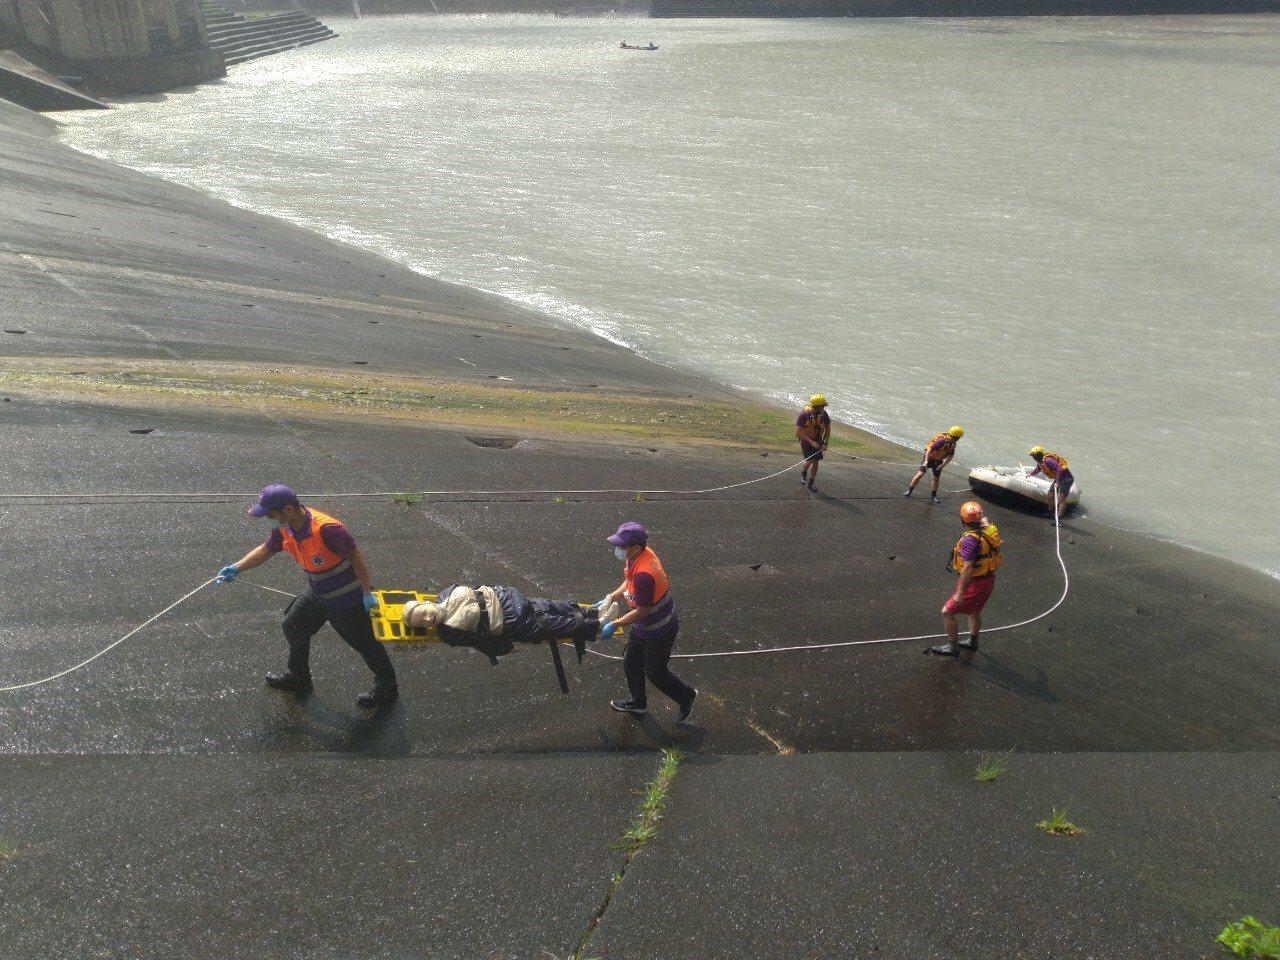 石門水庫汛期洩洪壯觀景象,吸引遊客駐足圍觀。北水局結合消防、保安警力等單位,在水...